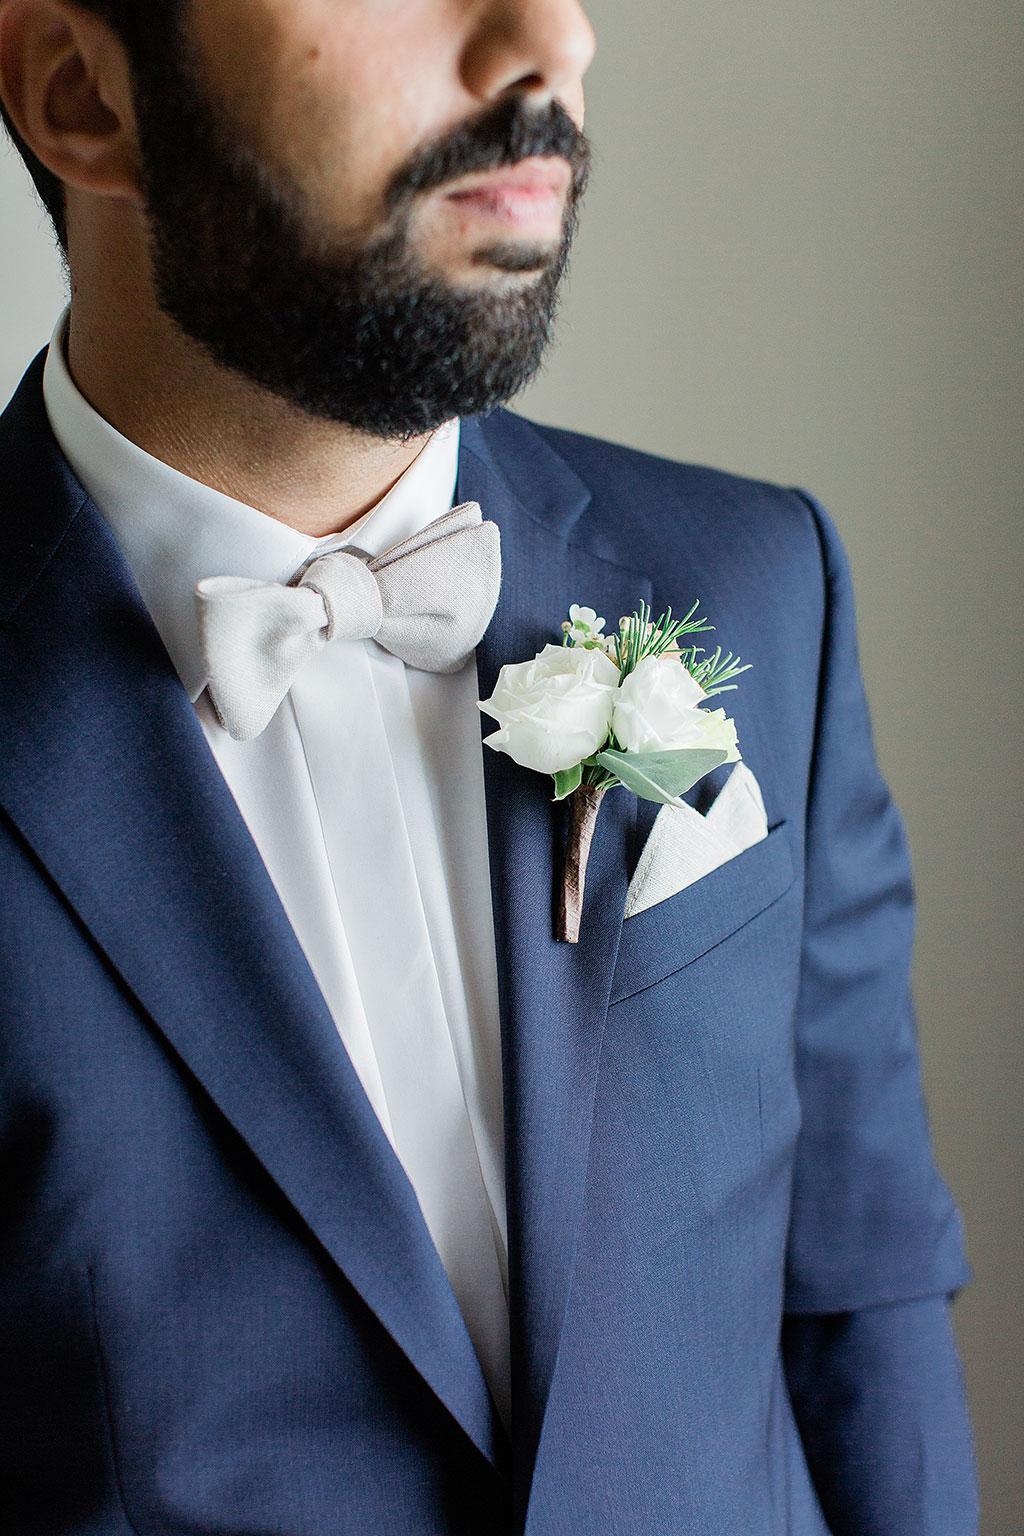 μπουτονιέρα γαμπρού, groom's boutonniere